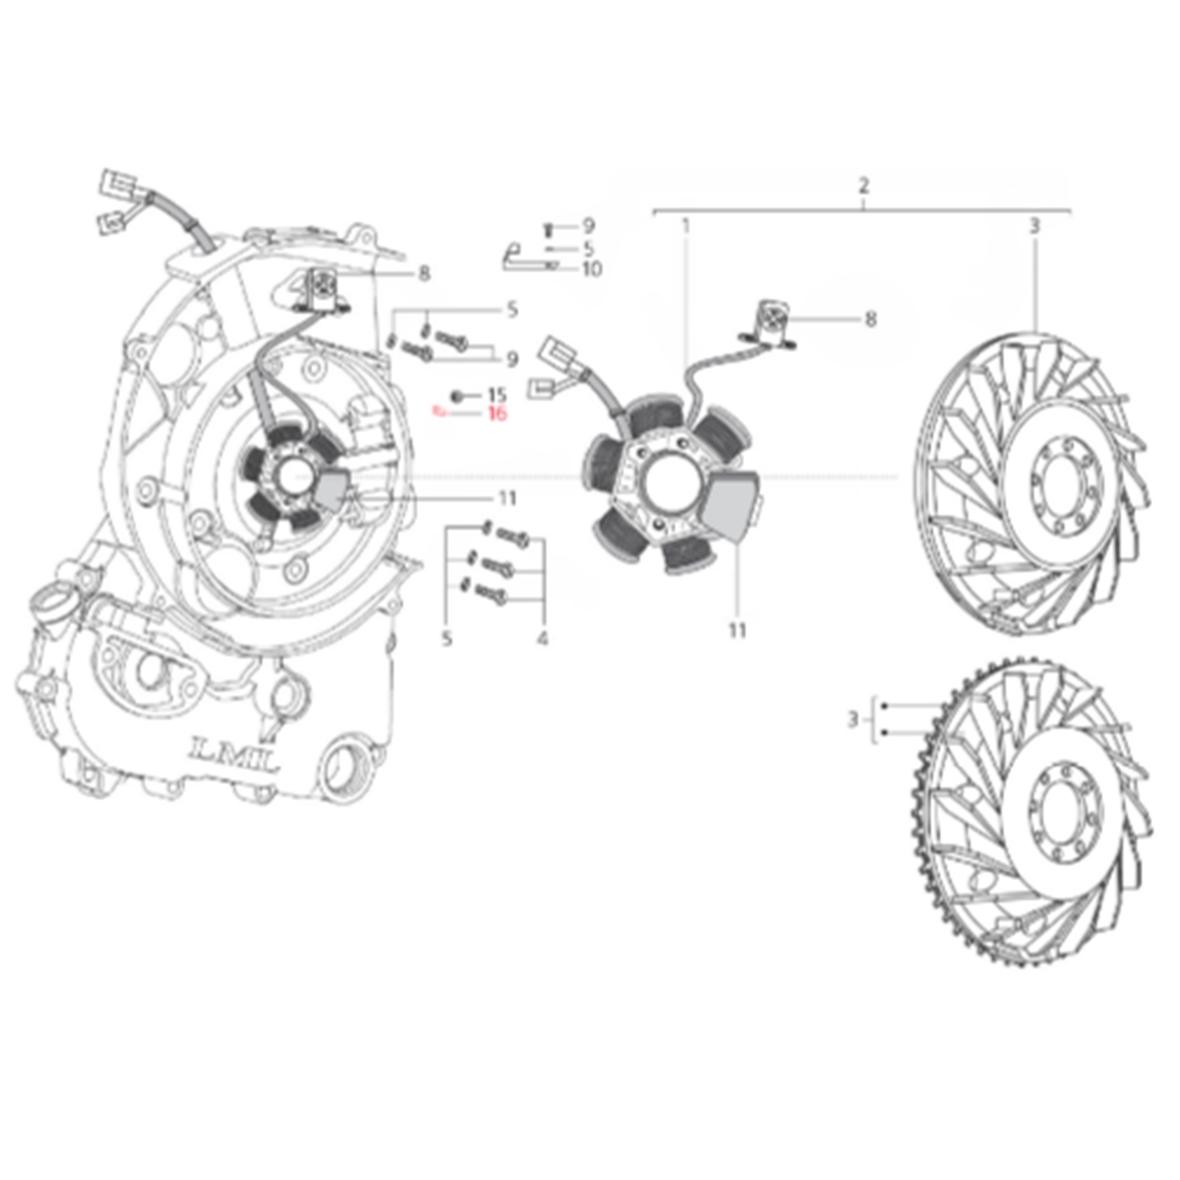 Produktbild für 'Halteblech LML Kabel Zündgrundplatte'